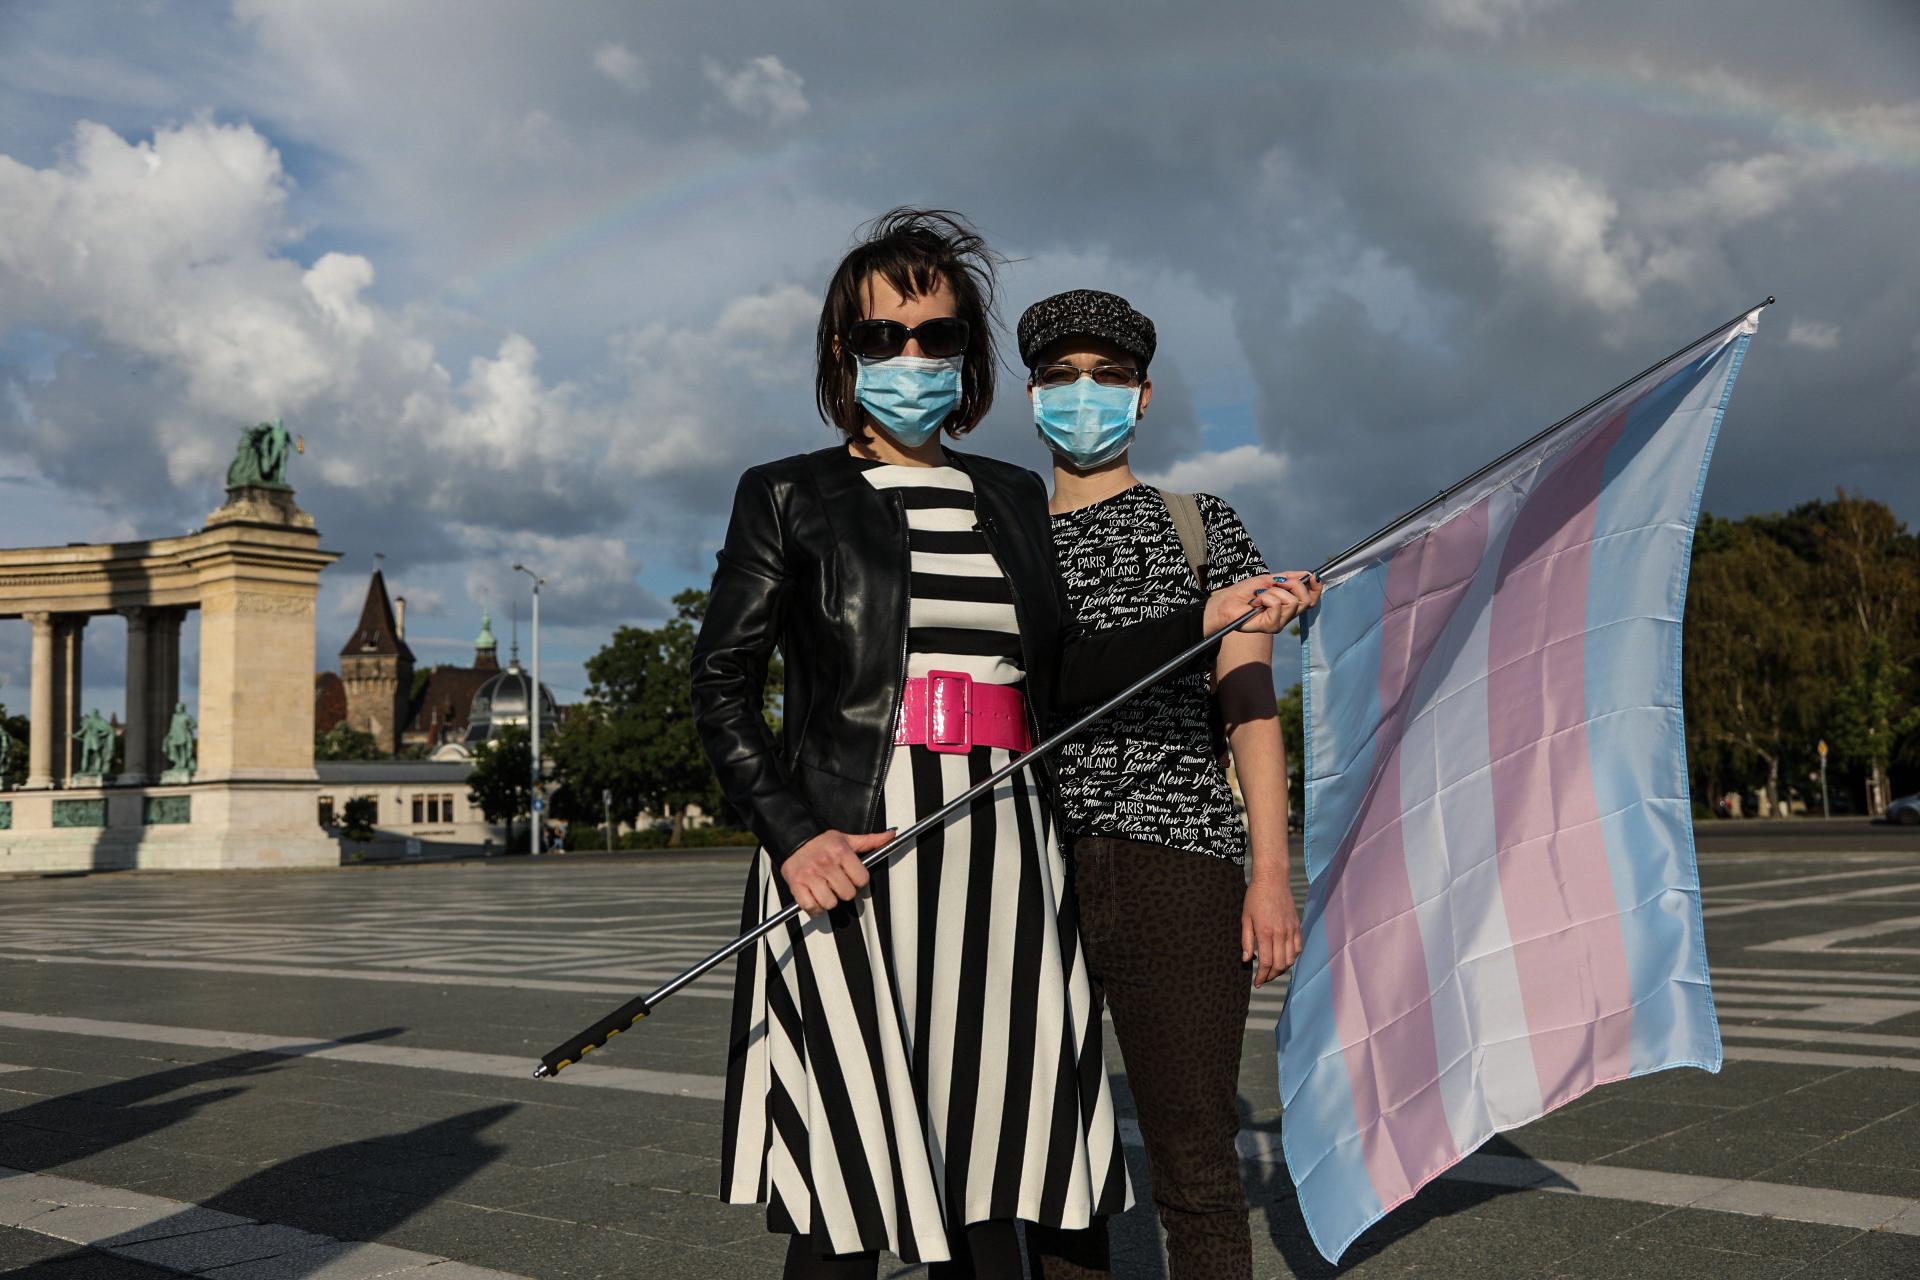 A Miskolci Törvényszék szerint alaptörvény-ellenes a transz emberek nemváltoztatásának ellehetetlenítése